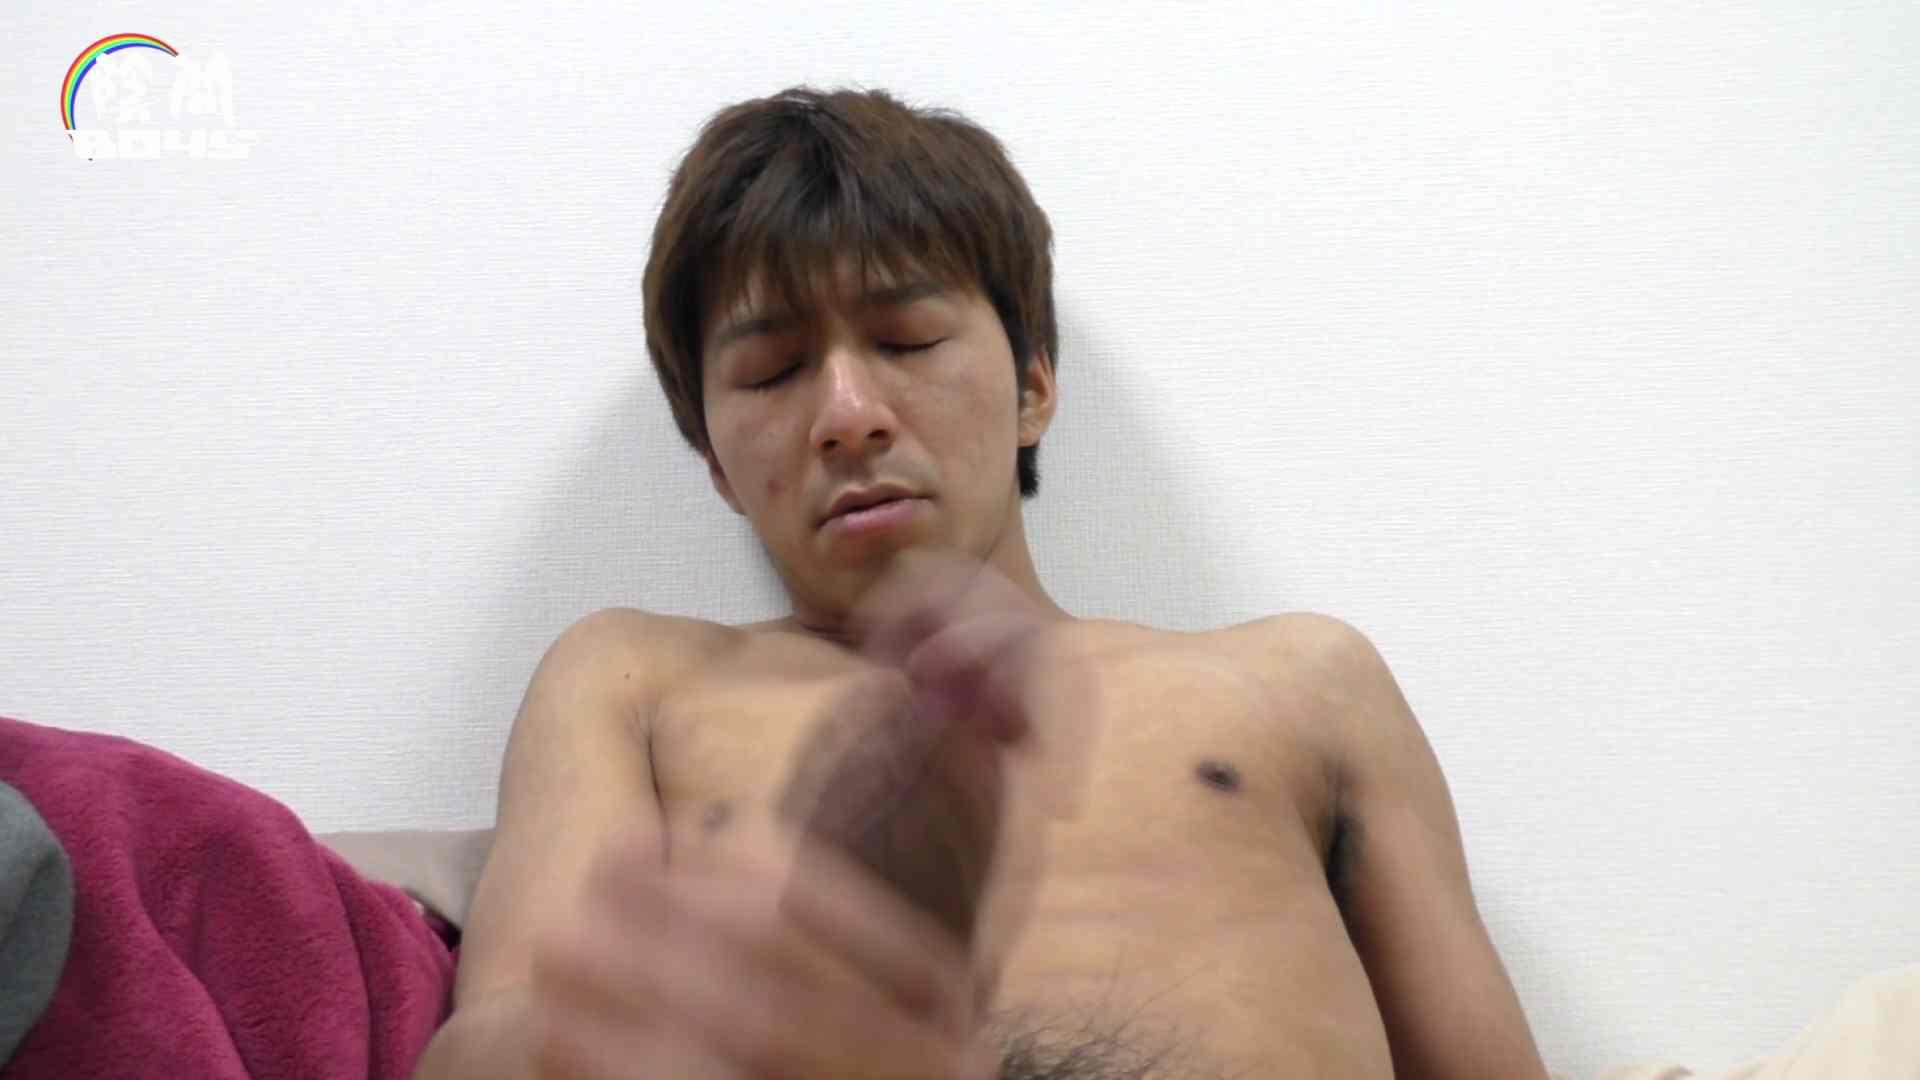 アナルは決して眠らない No.02 発射天国 ゲイ無修正ビデオ画像 57pic 14